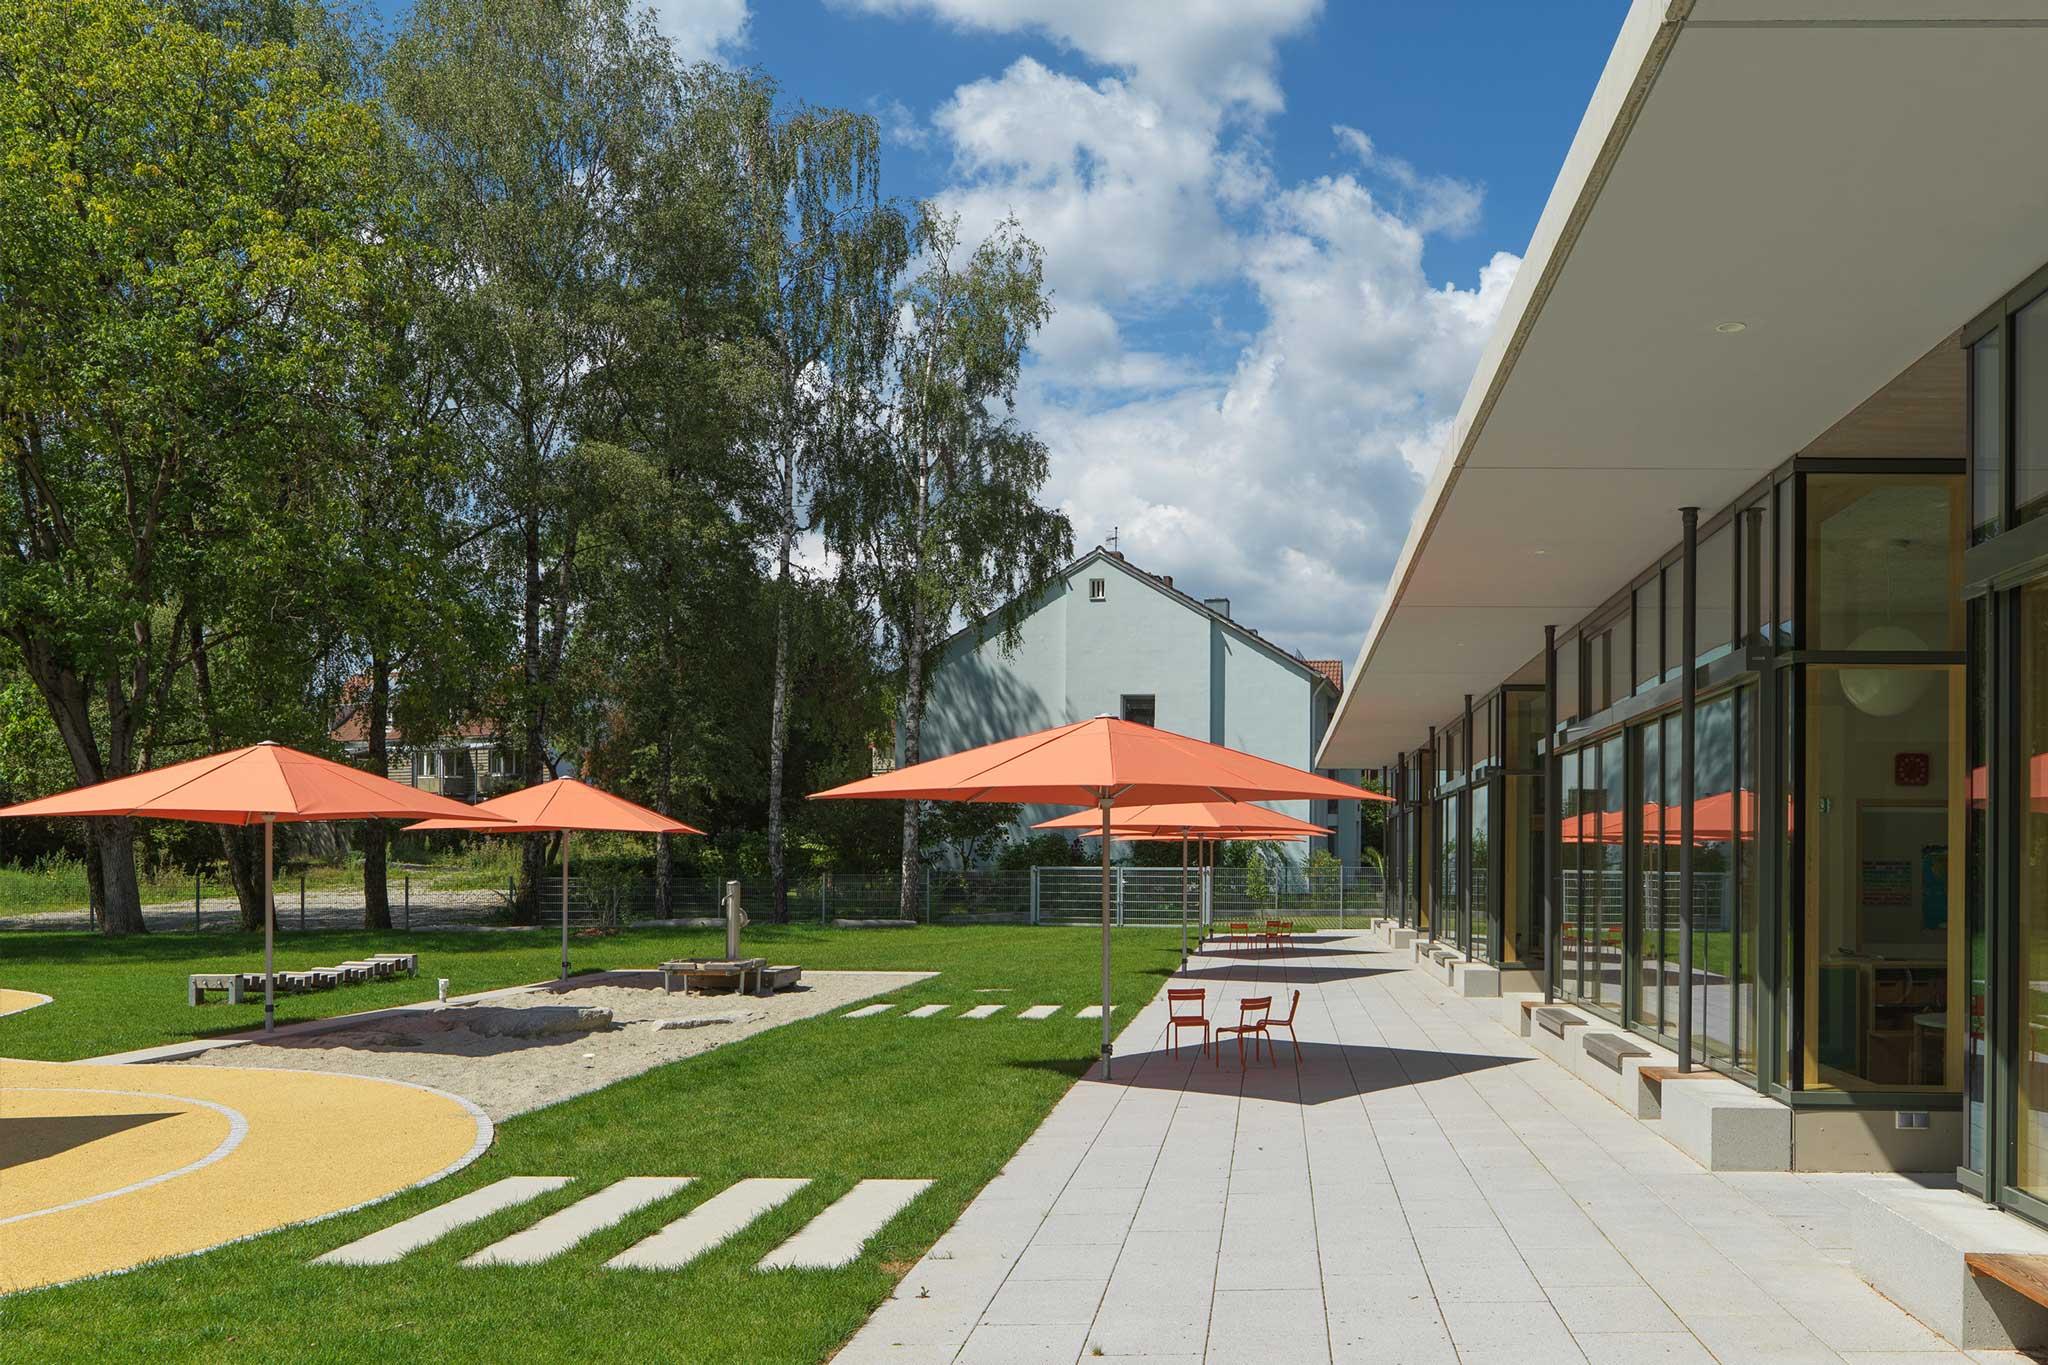 Landschaftsarchitektur Kindergarten St. Severin Garching - Terrasse